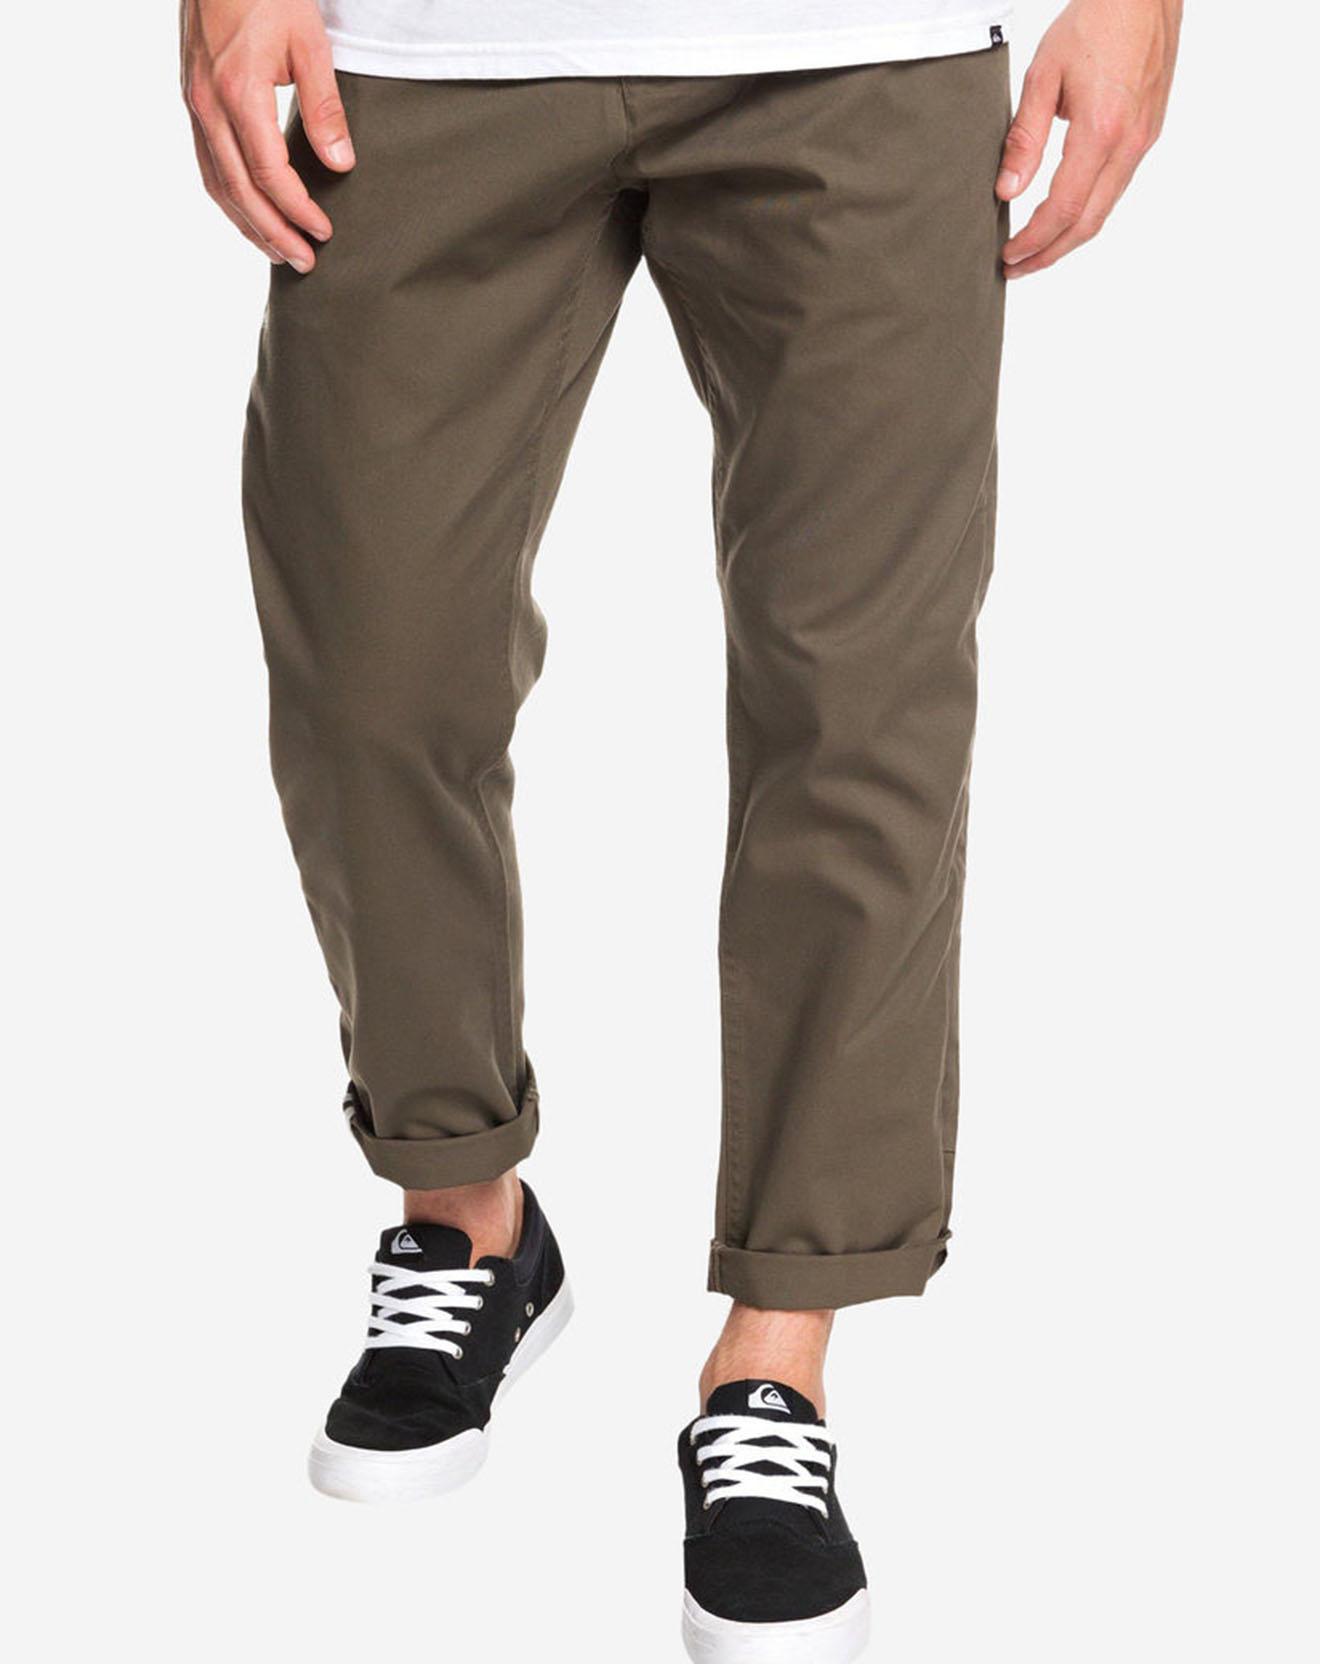 Pantalon chino Tappered Disaray kaki - Quiksilver - Modalova